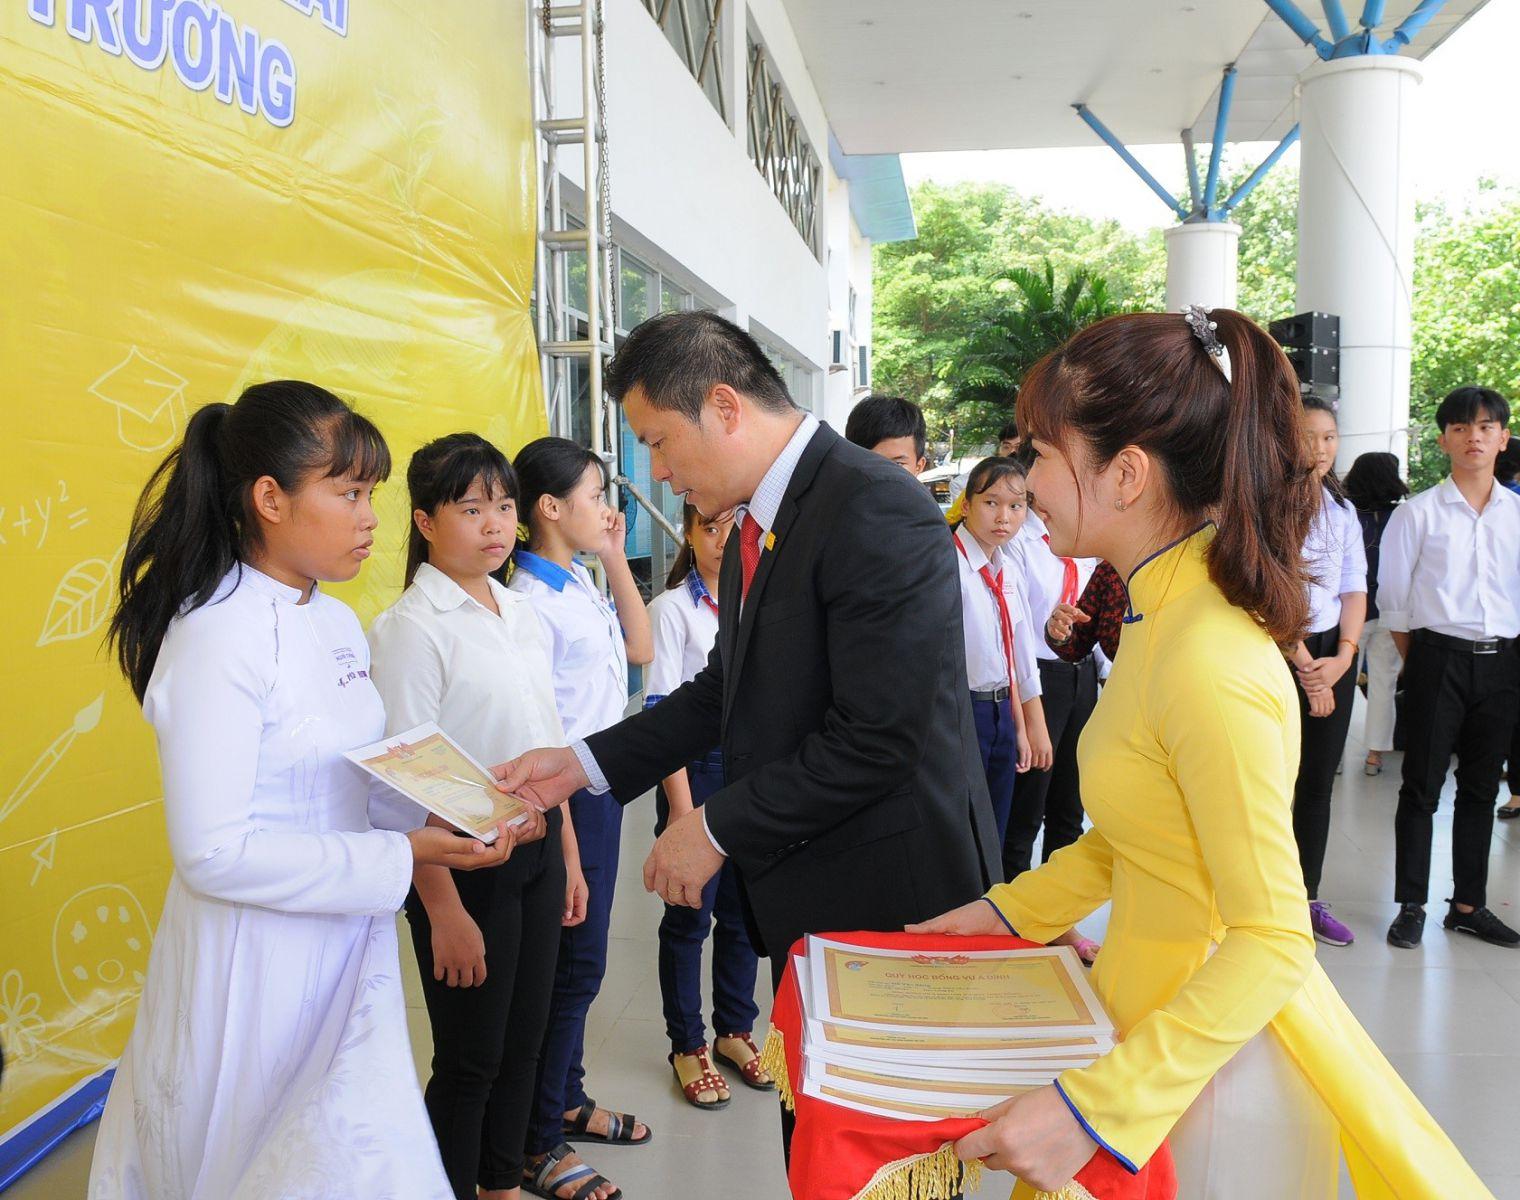 Ông Nguyễn Vĩnh Lợi – Giám đốc Nam A Bank Khu vực miền Tây  trao học bổng cho các em học sinh.